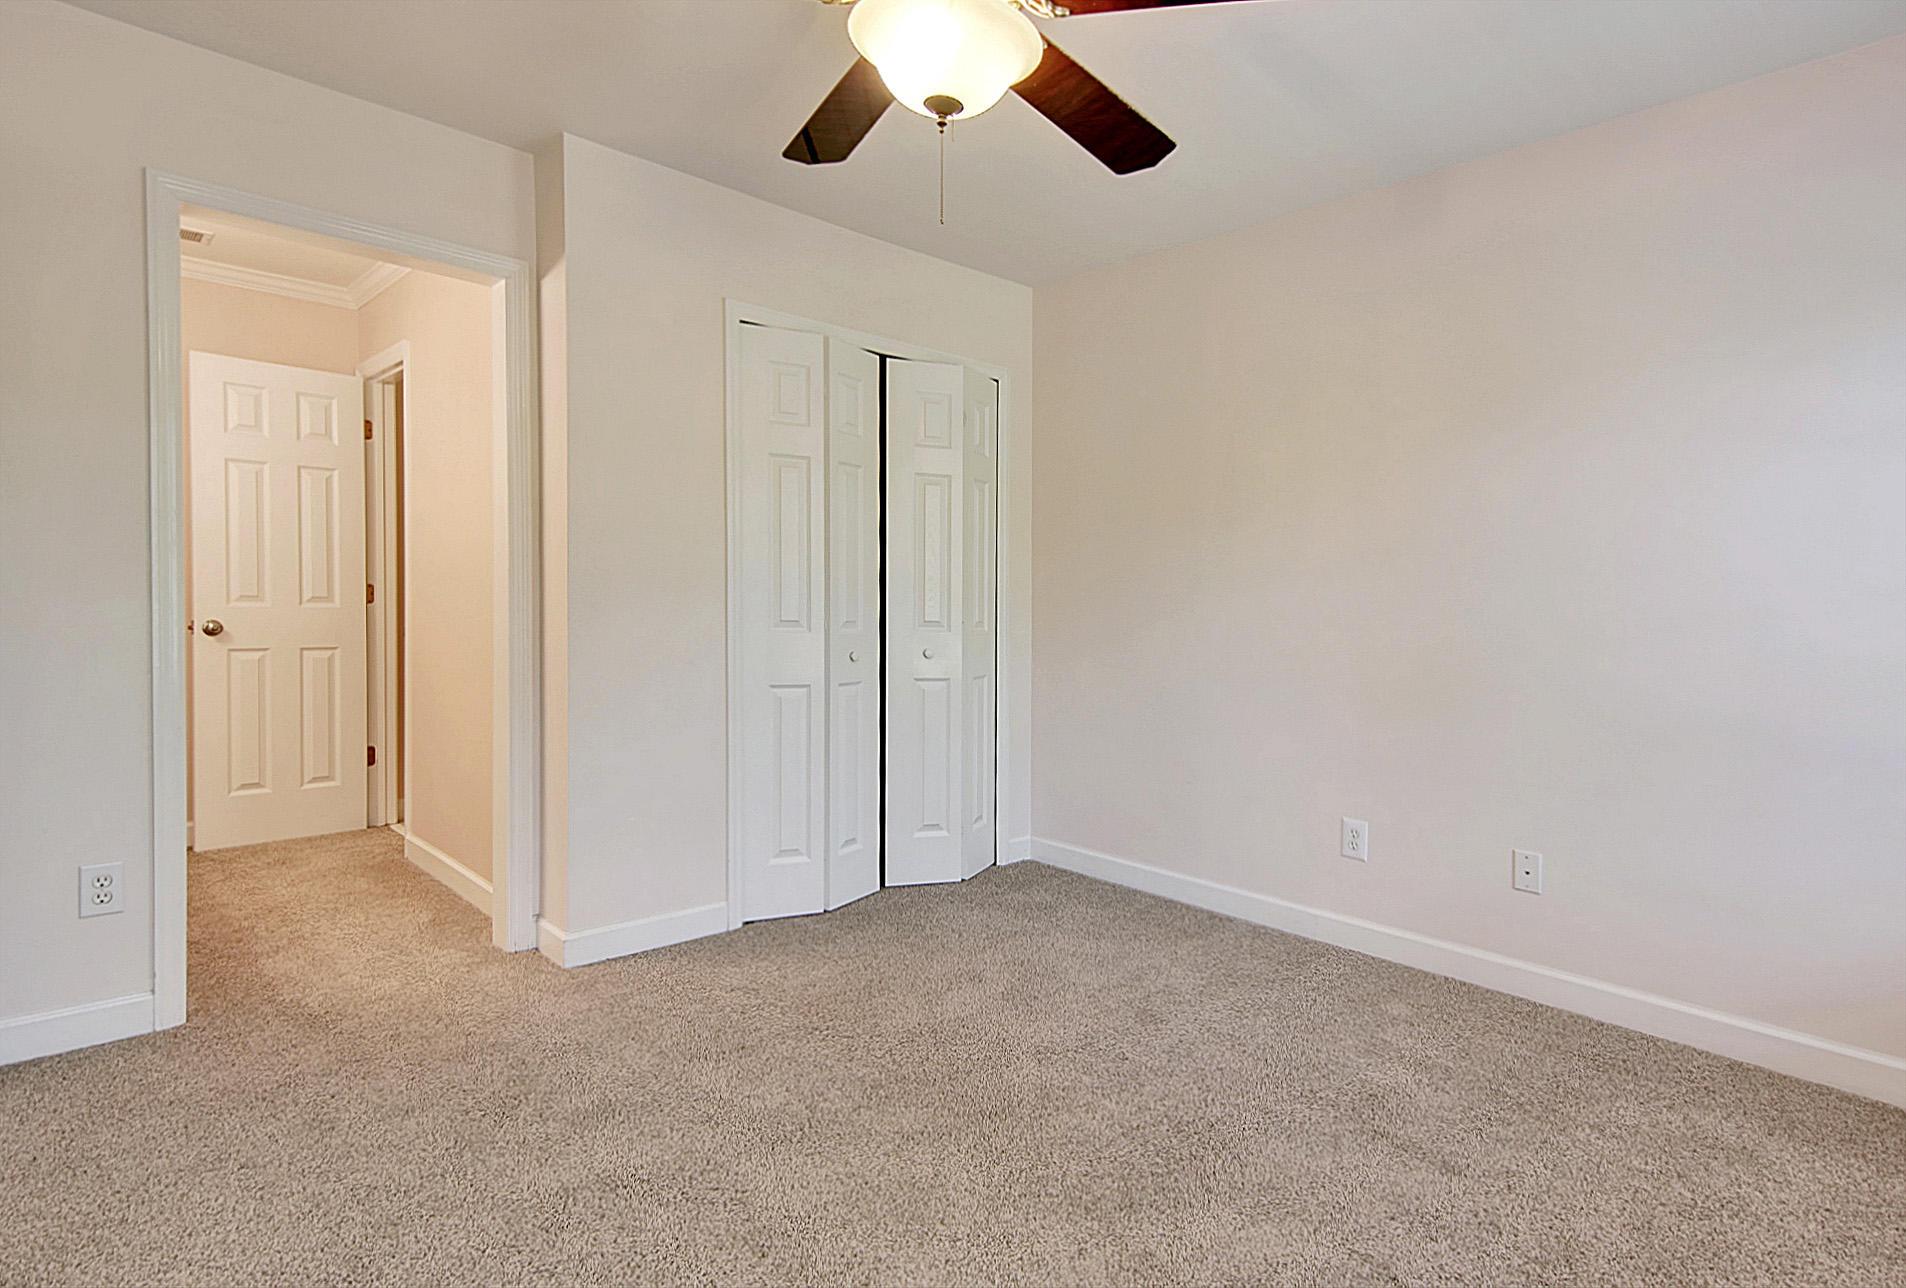 Dunes West Homes For Sale - 2236 Black Oak, Mount Pleasant, SC - 31